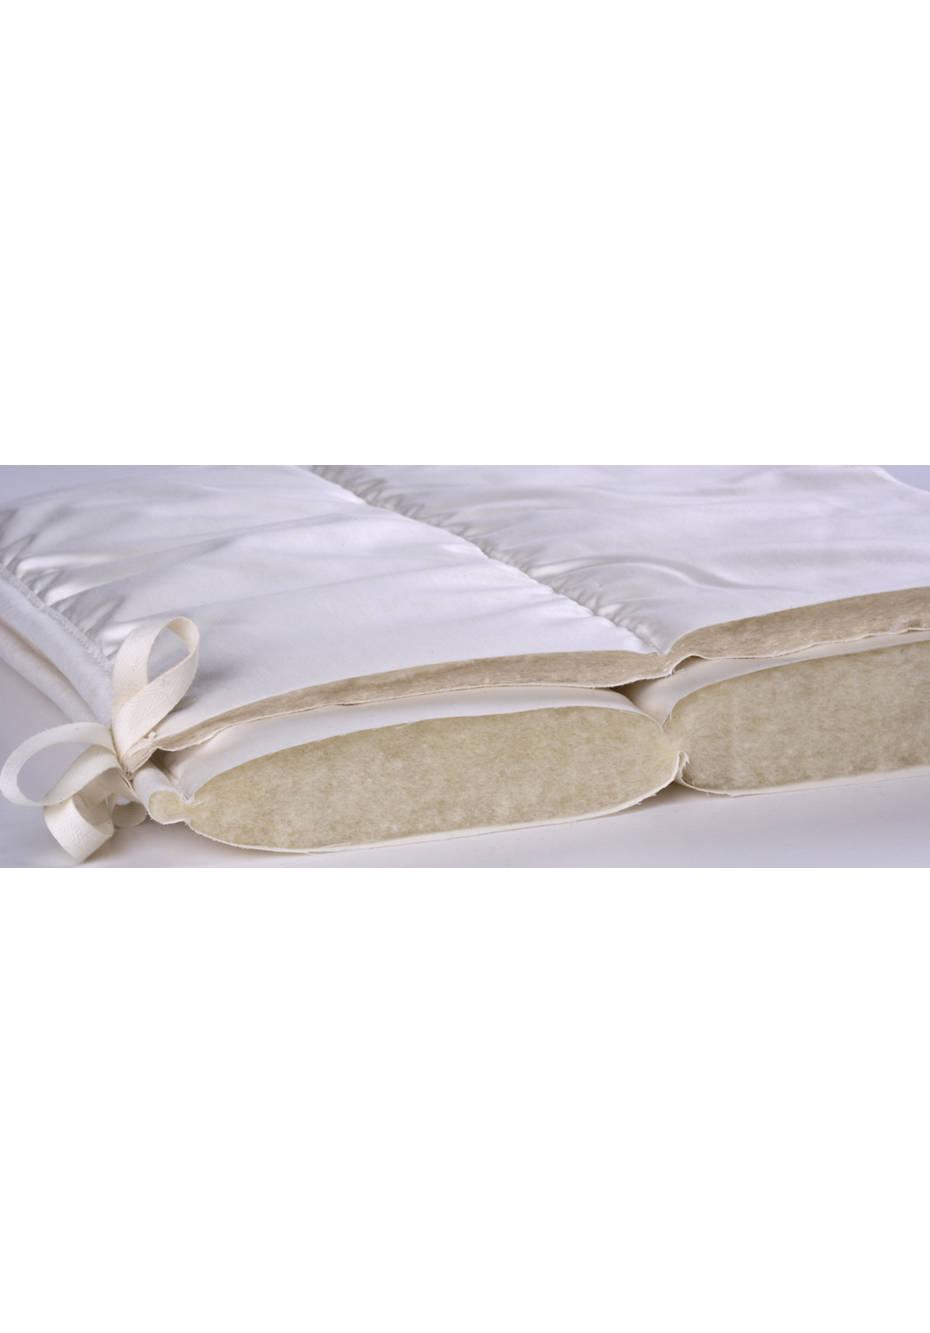 4-Jahreszeiten-Decke Tussah Seide und Bio-Schurwolle